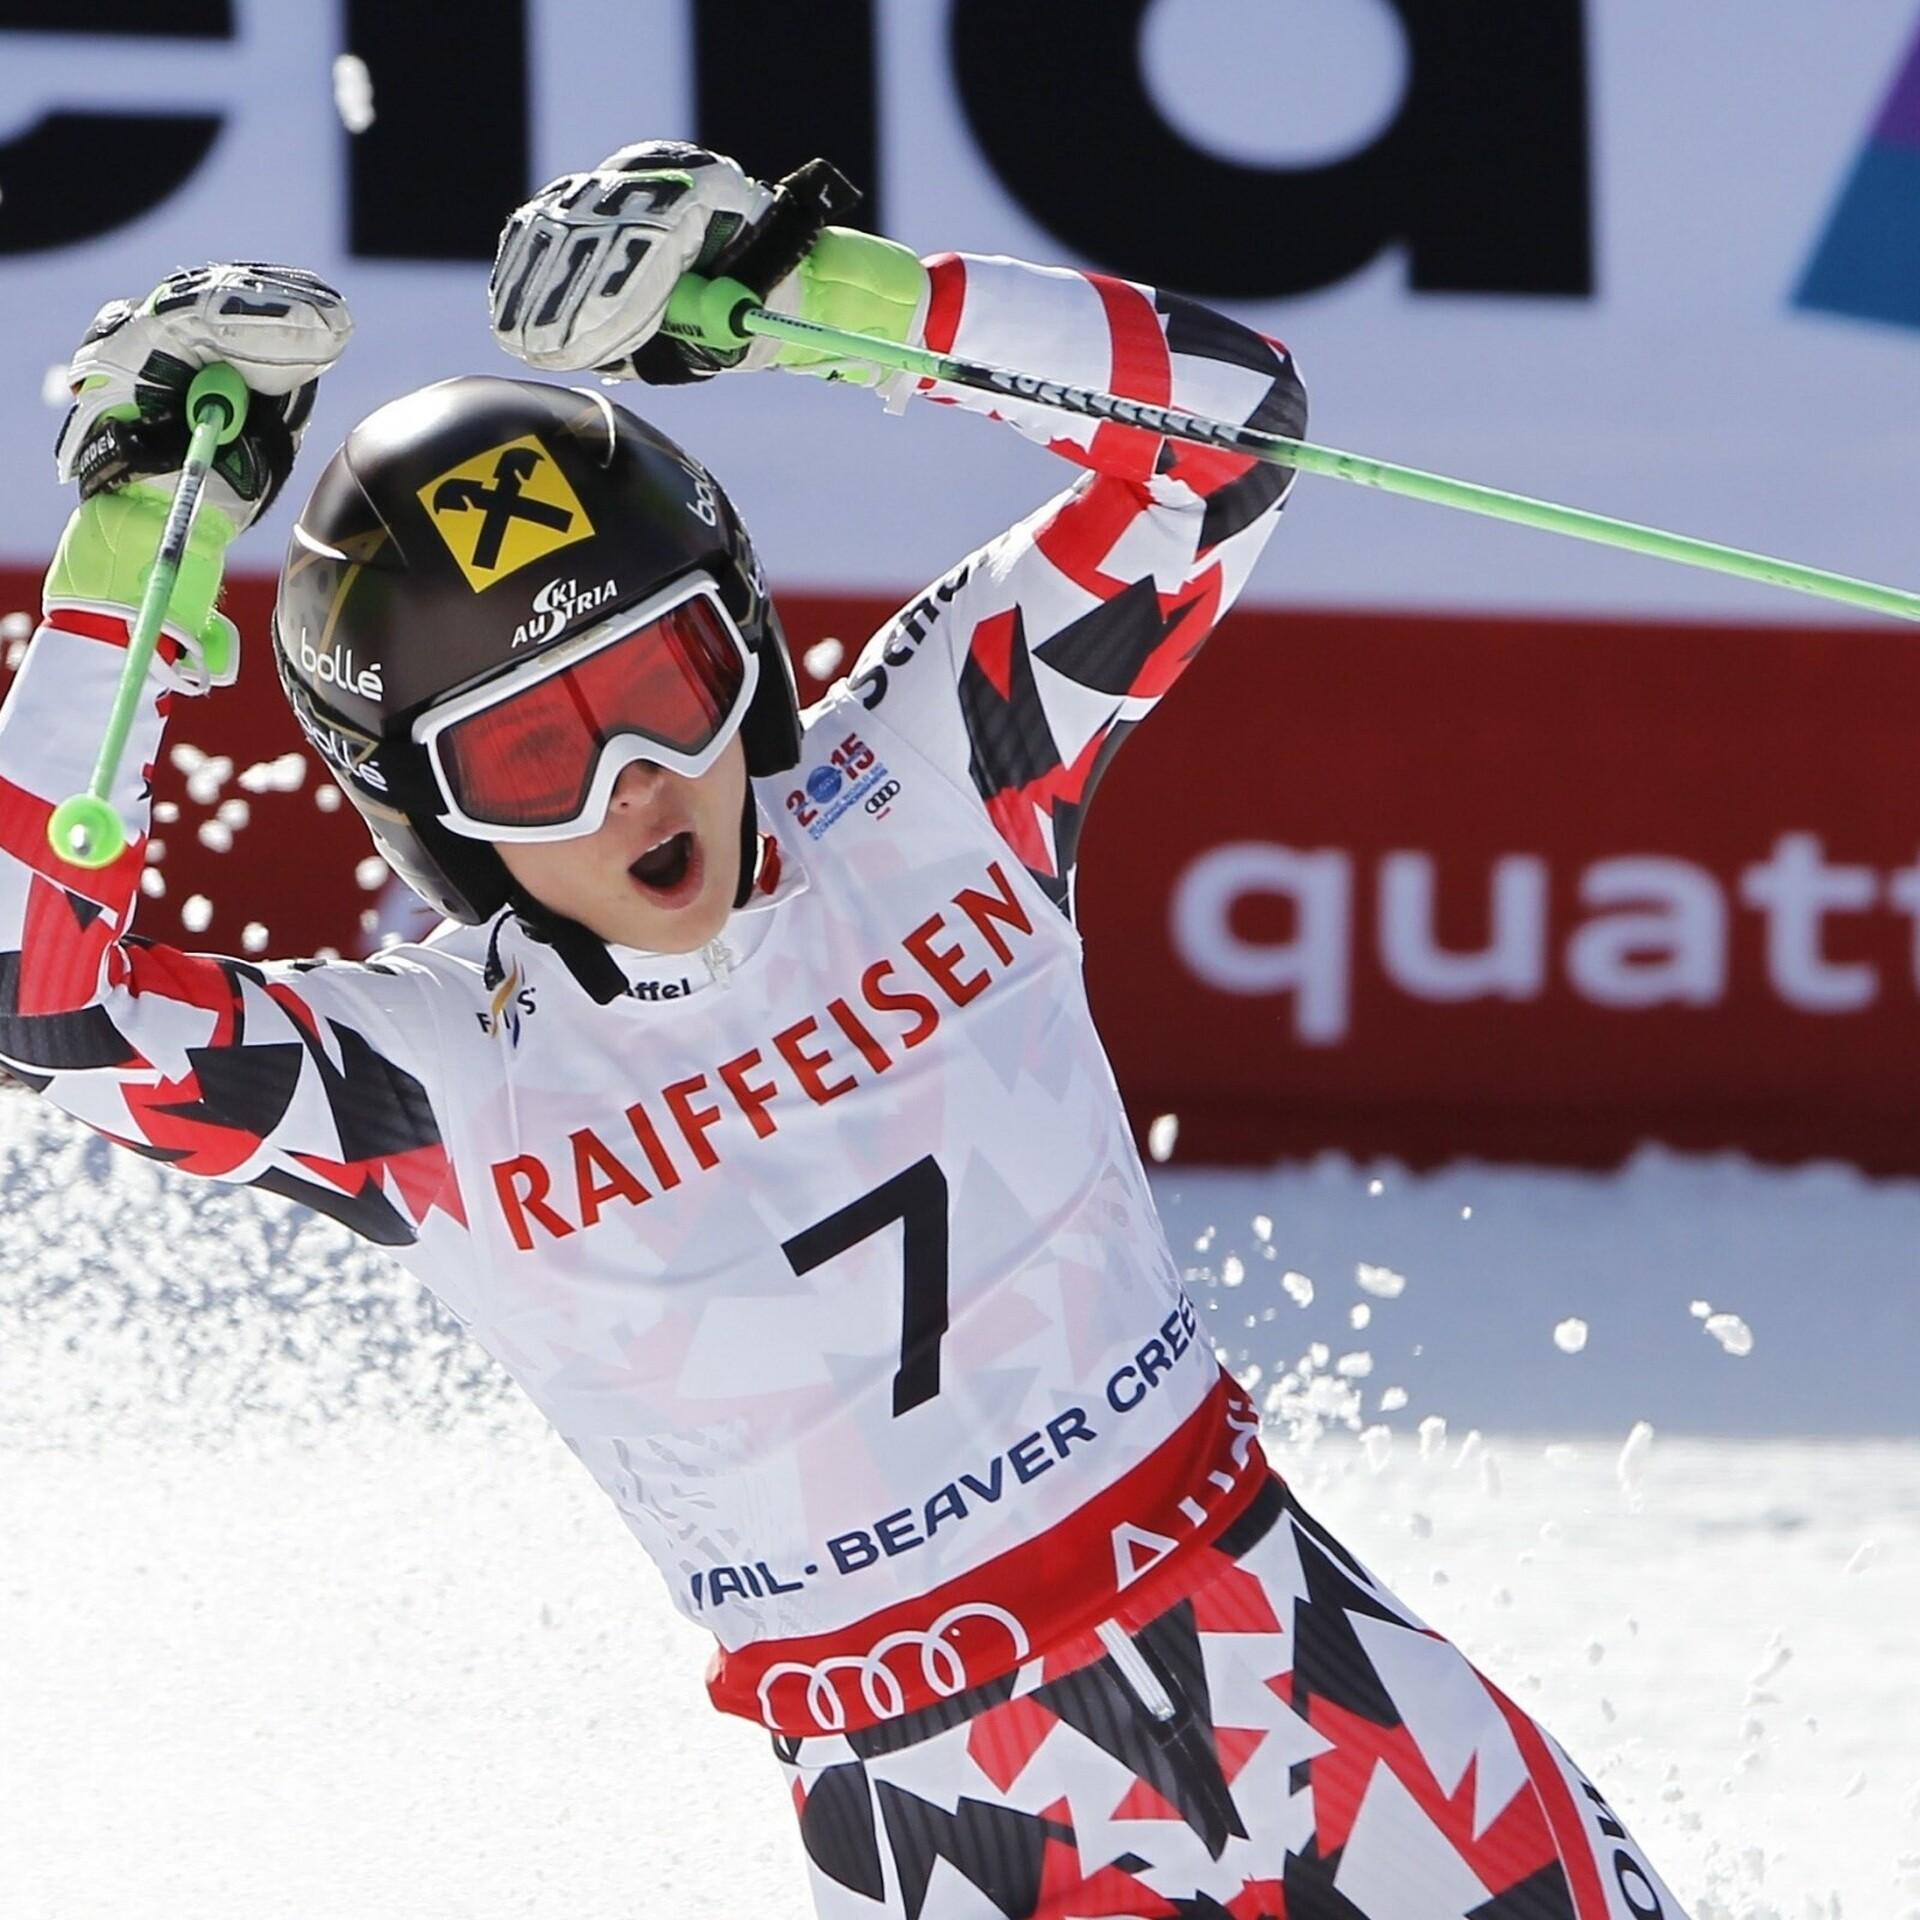 d456347009f Fenninger võitis tänavuselt MM-ilt teise kulla, Maze jäi medalita |  Mäesuusatamine | ERR